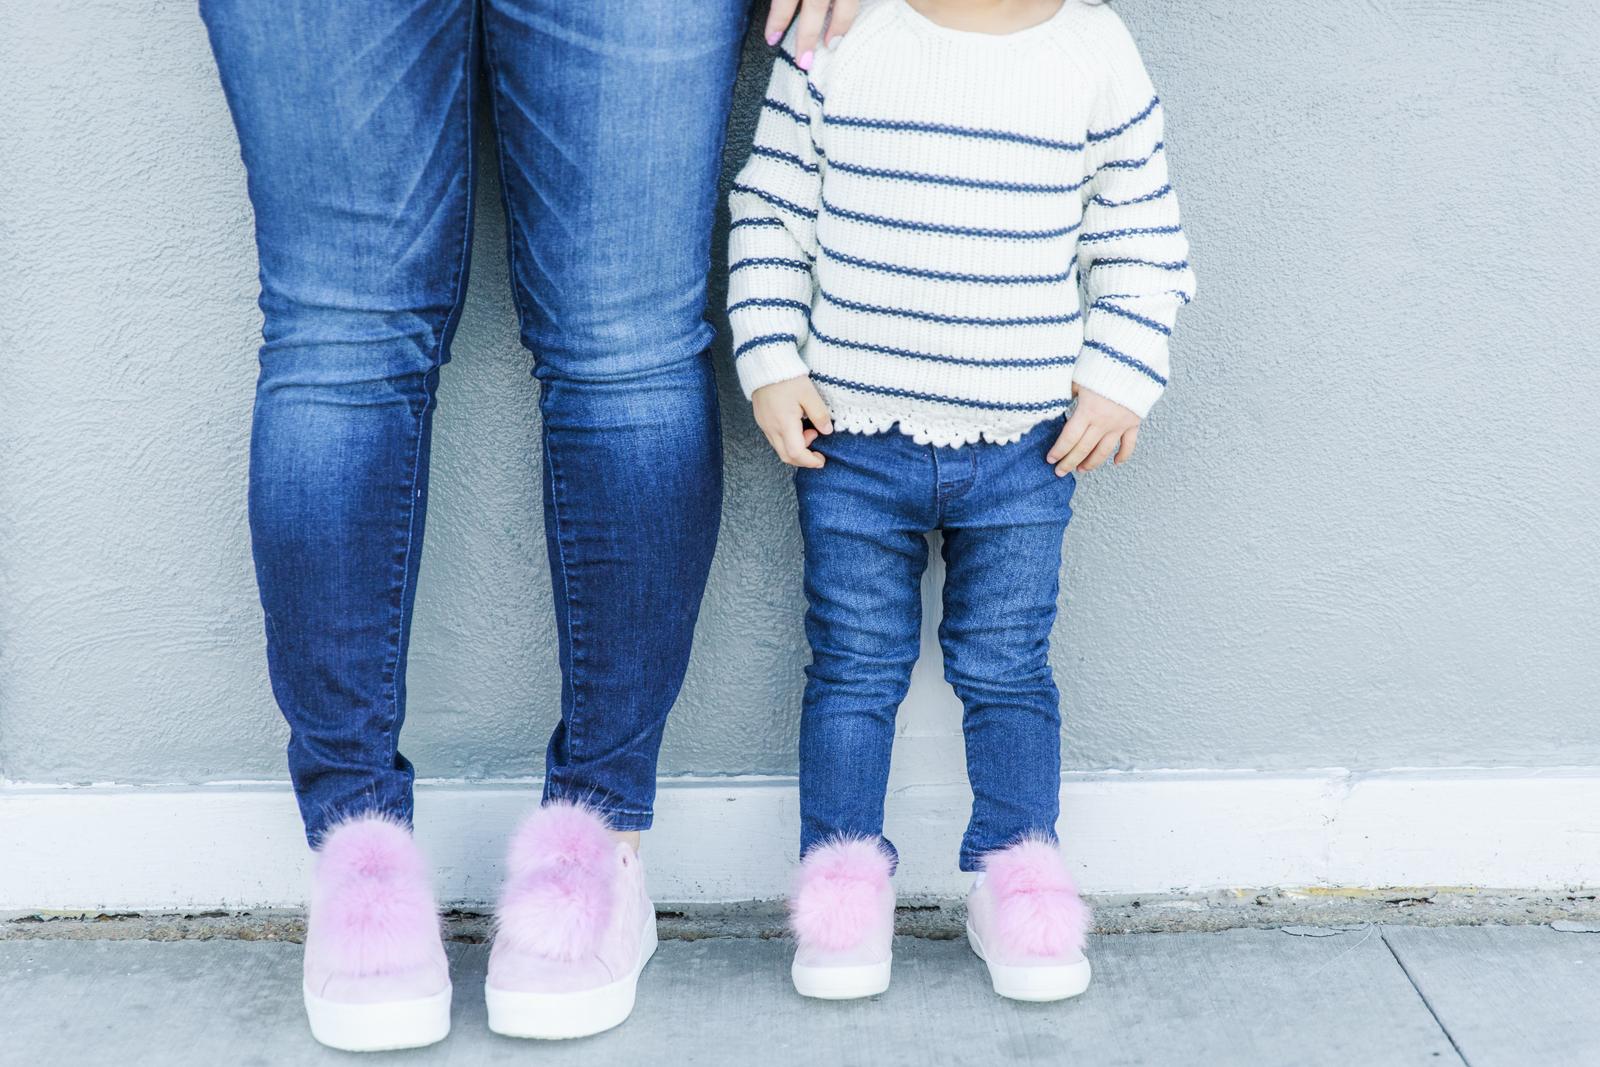 Pink pom pom shoes